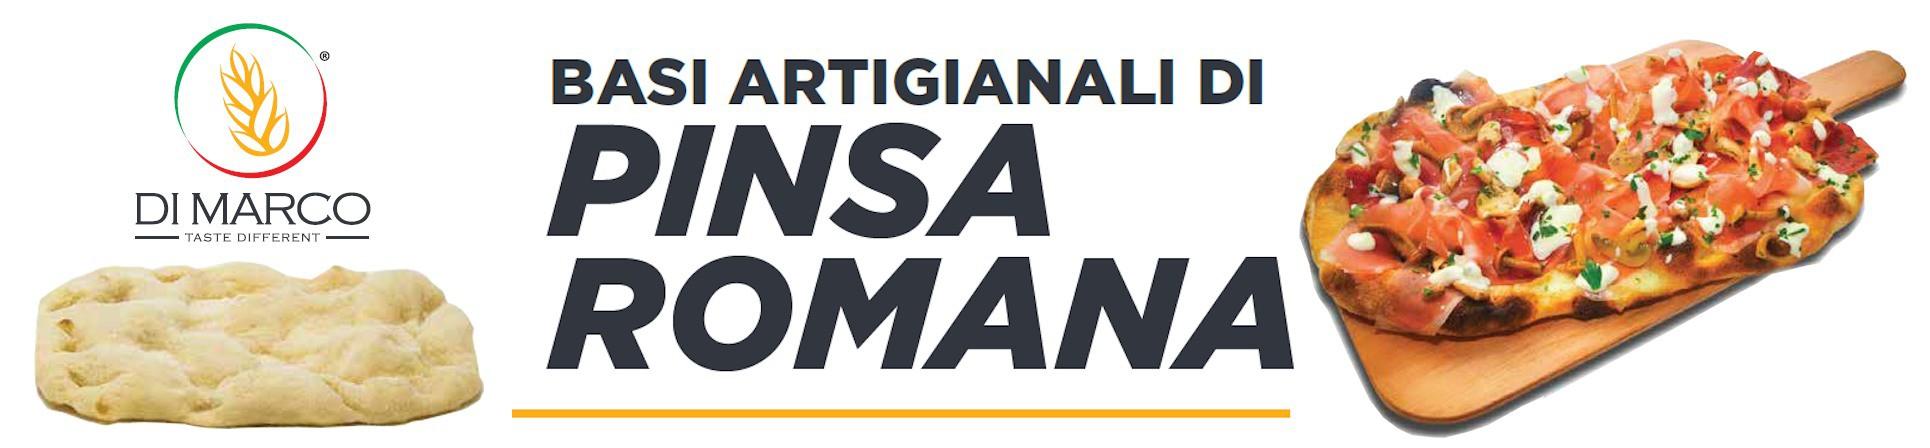 Vendita online Pinsa Romana - Di Marco